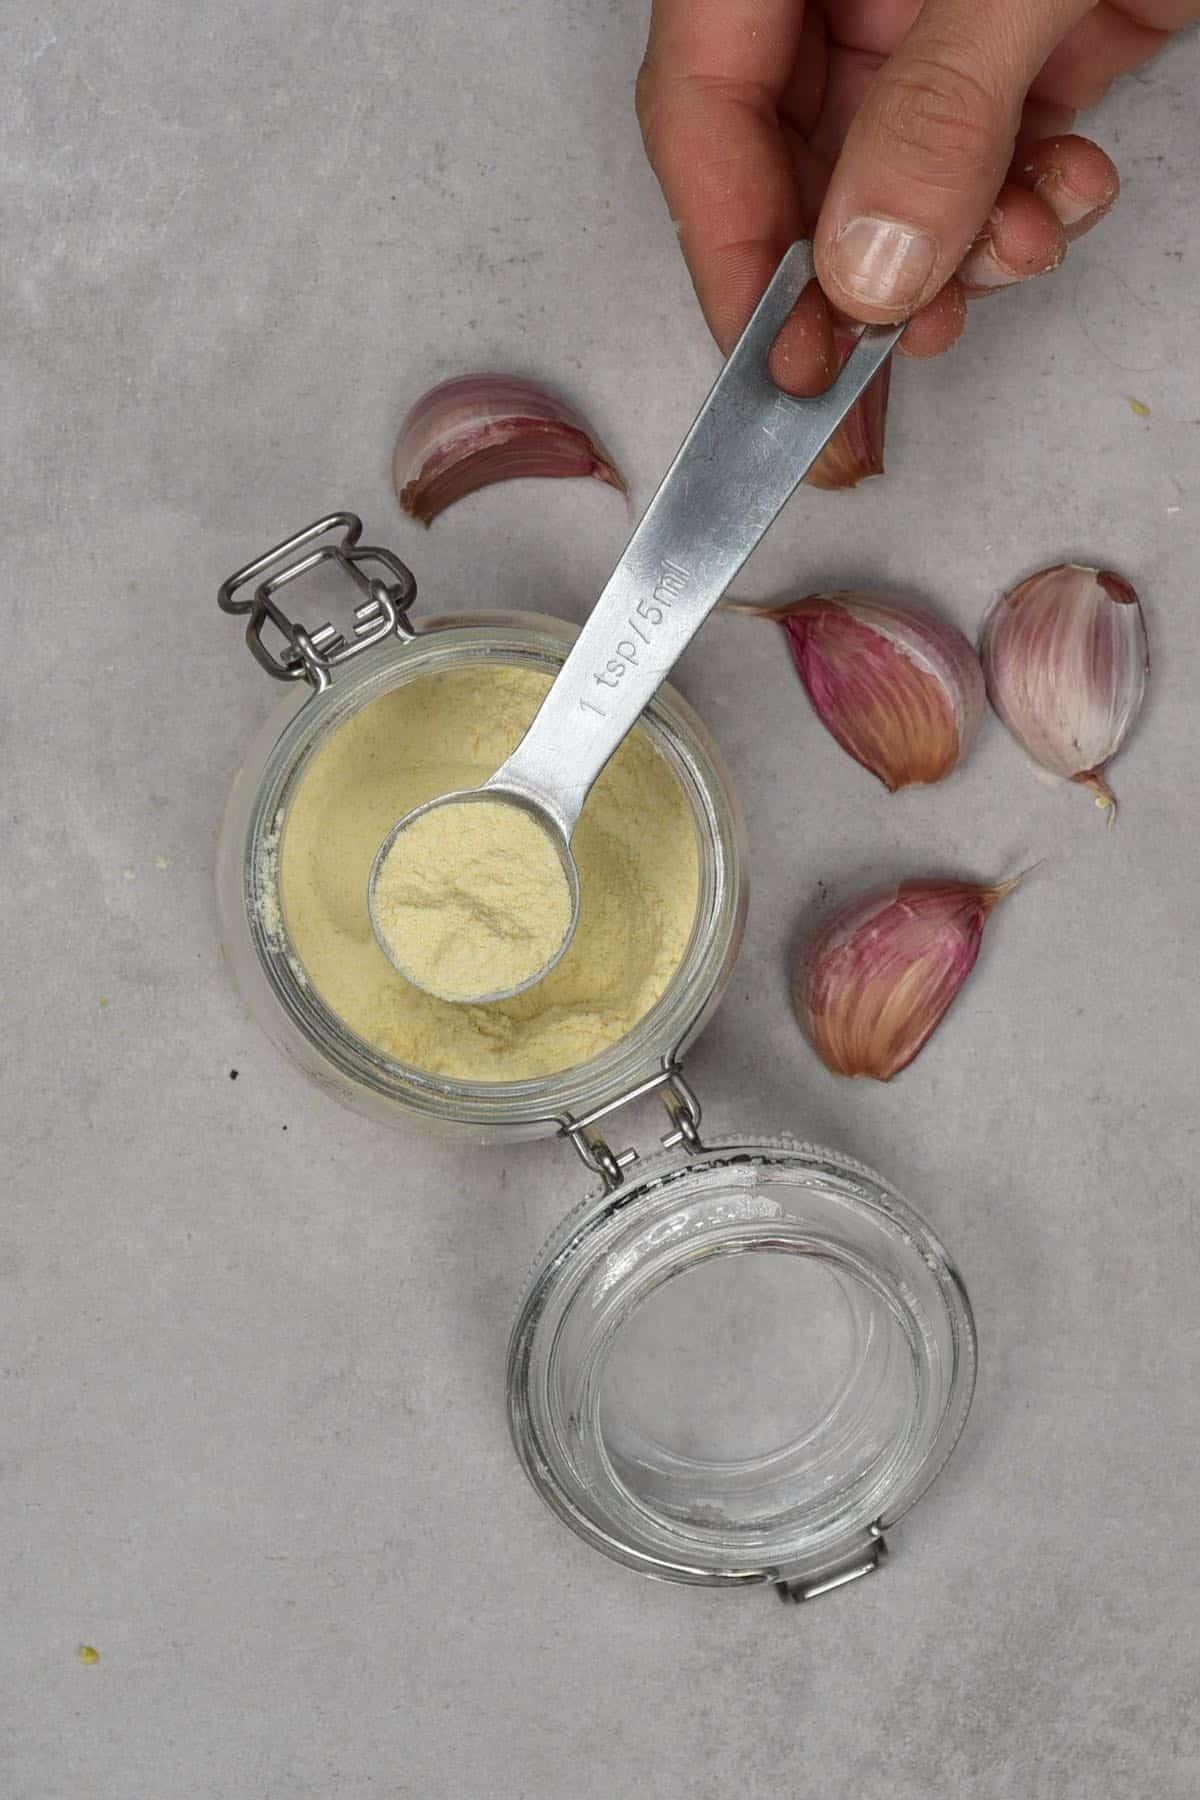 A teaspoon with garlic powder over a jar